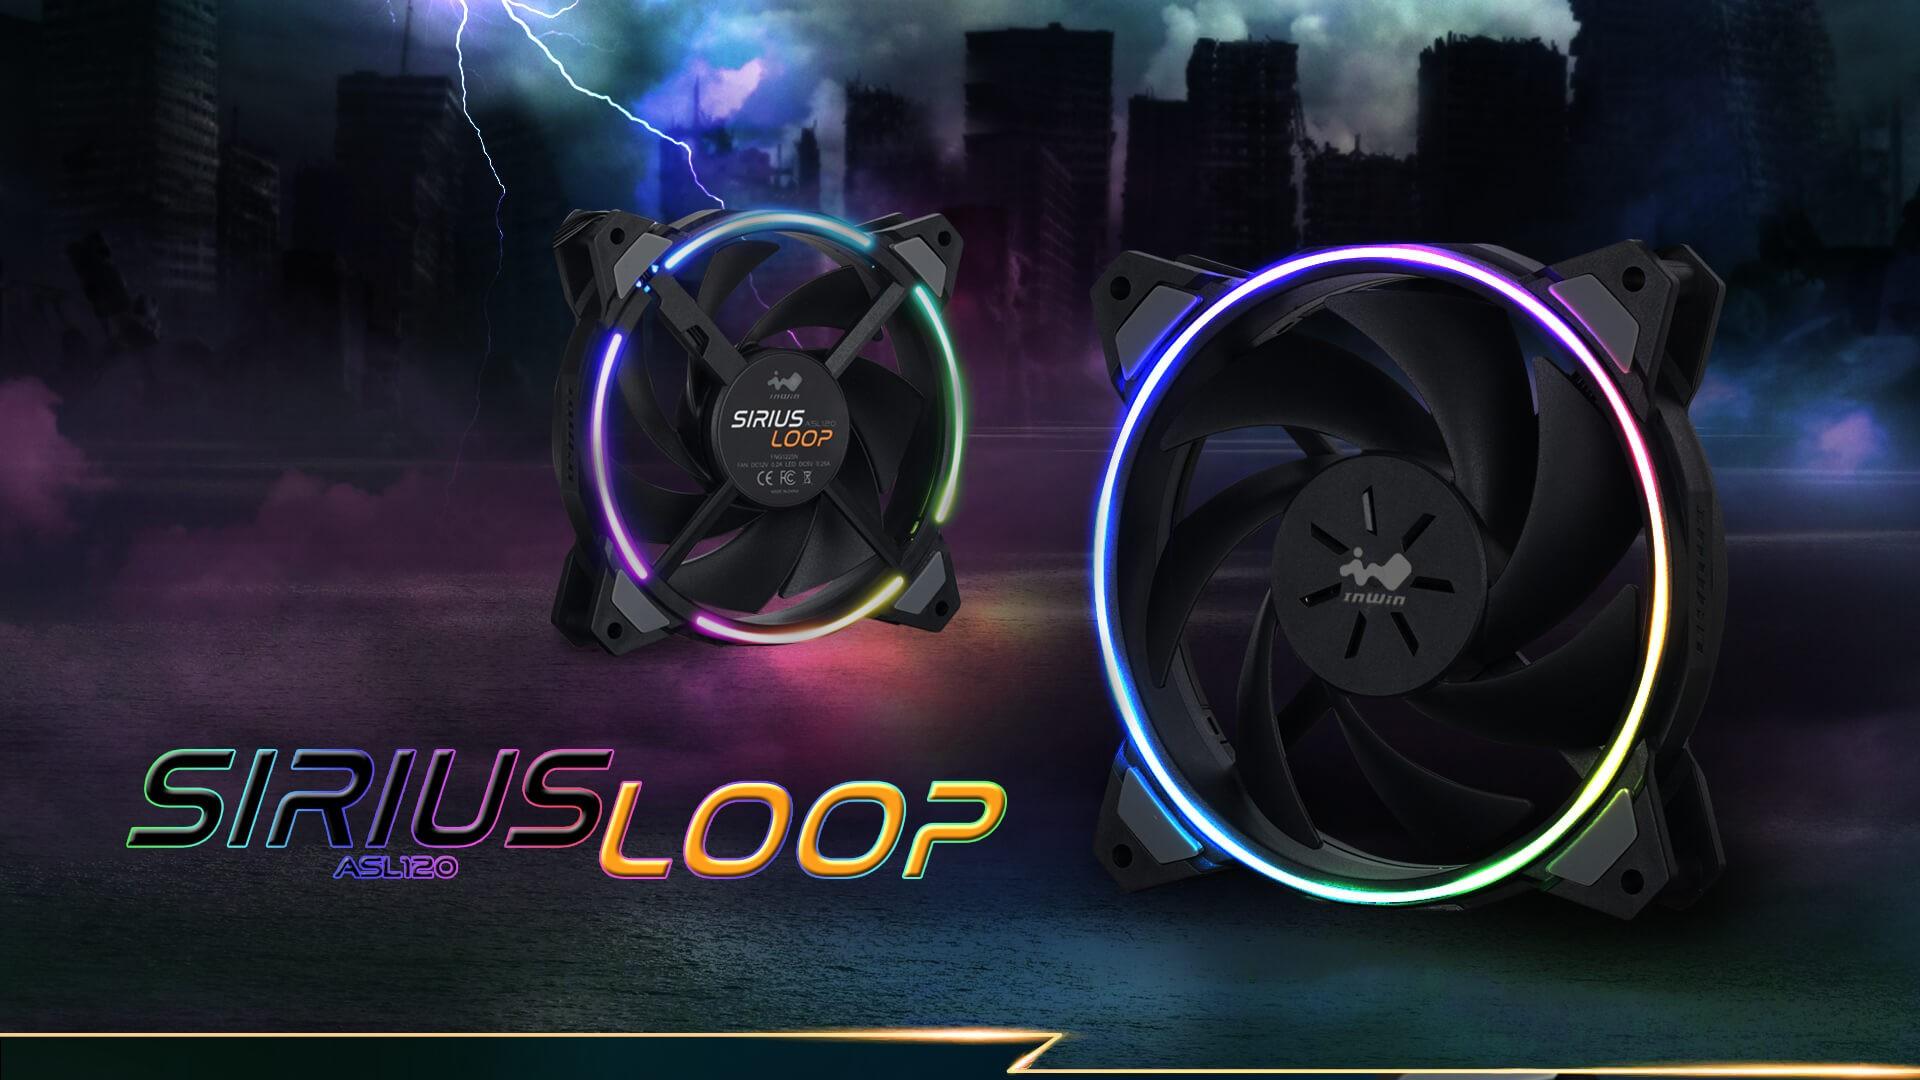 Sirius Loop ASL120